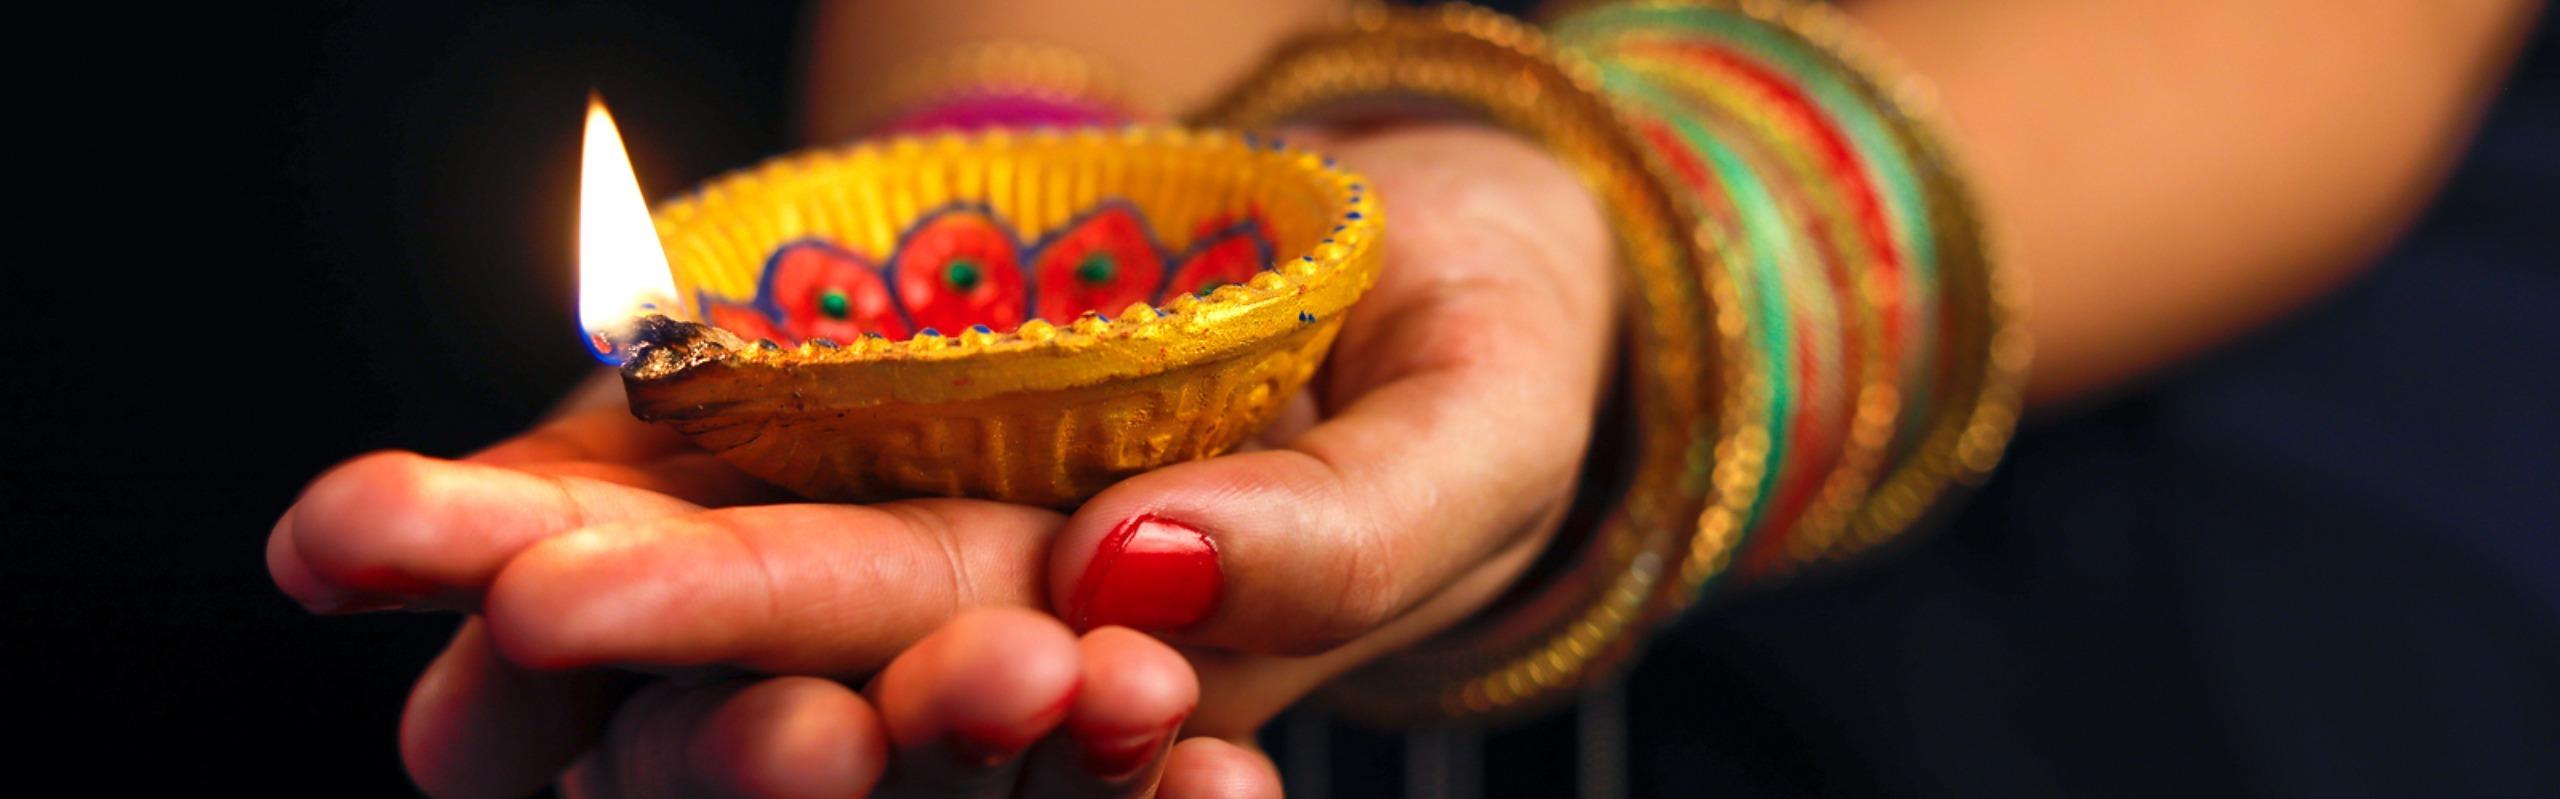 Diwali (Deepavali) - Festival of Lights